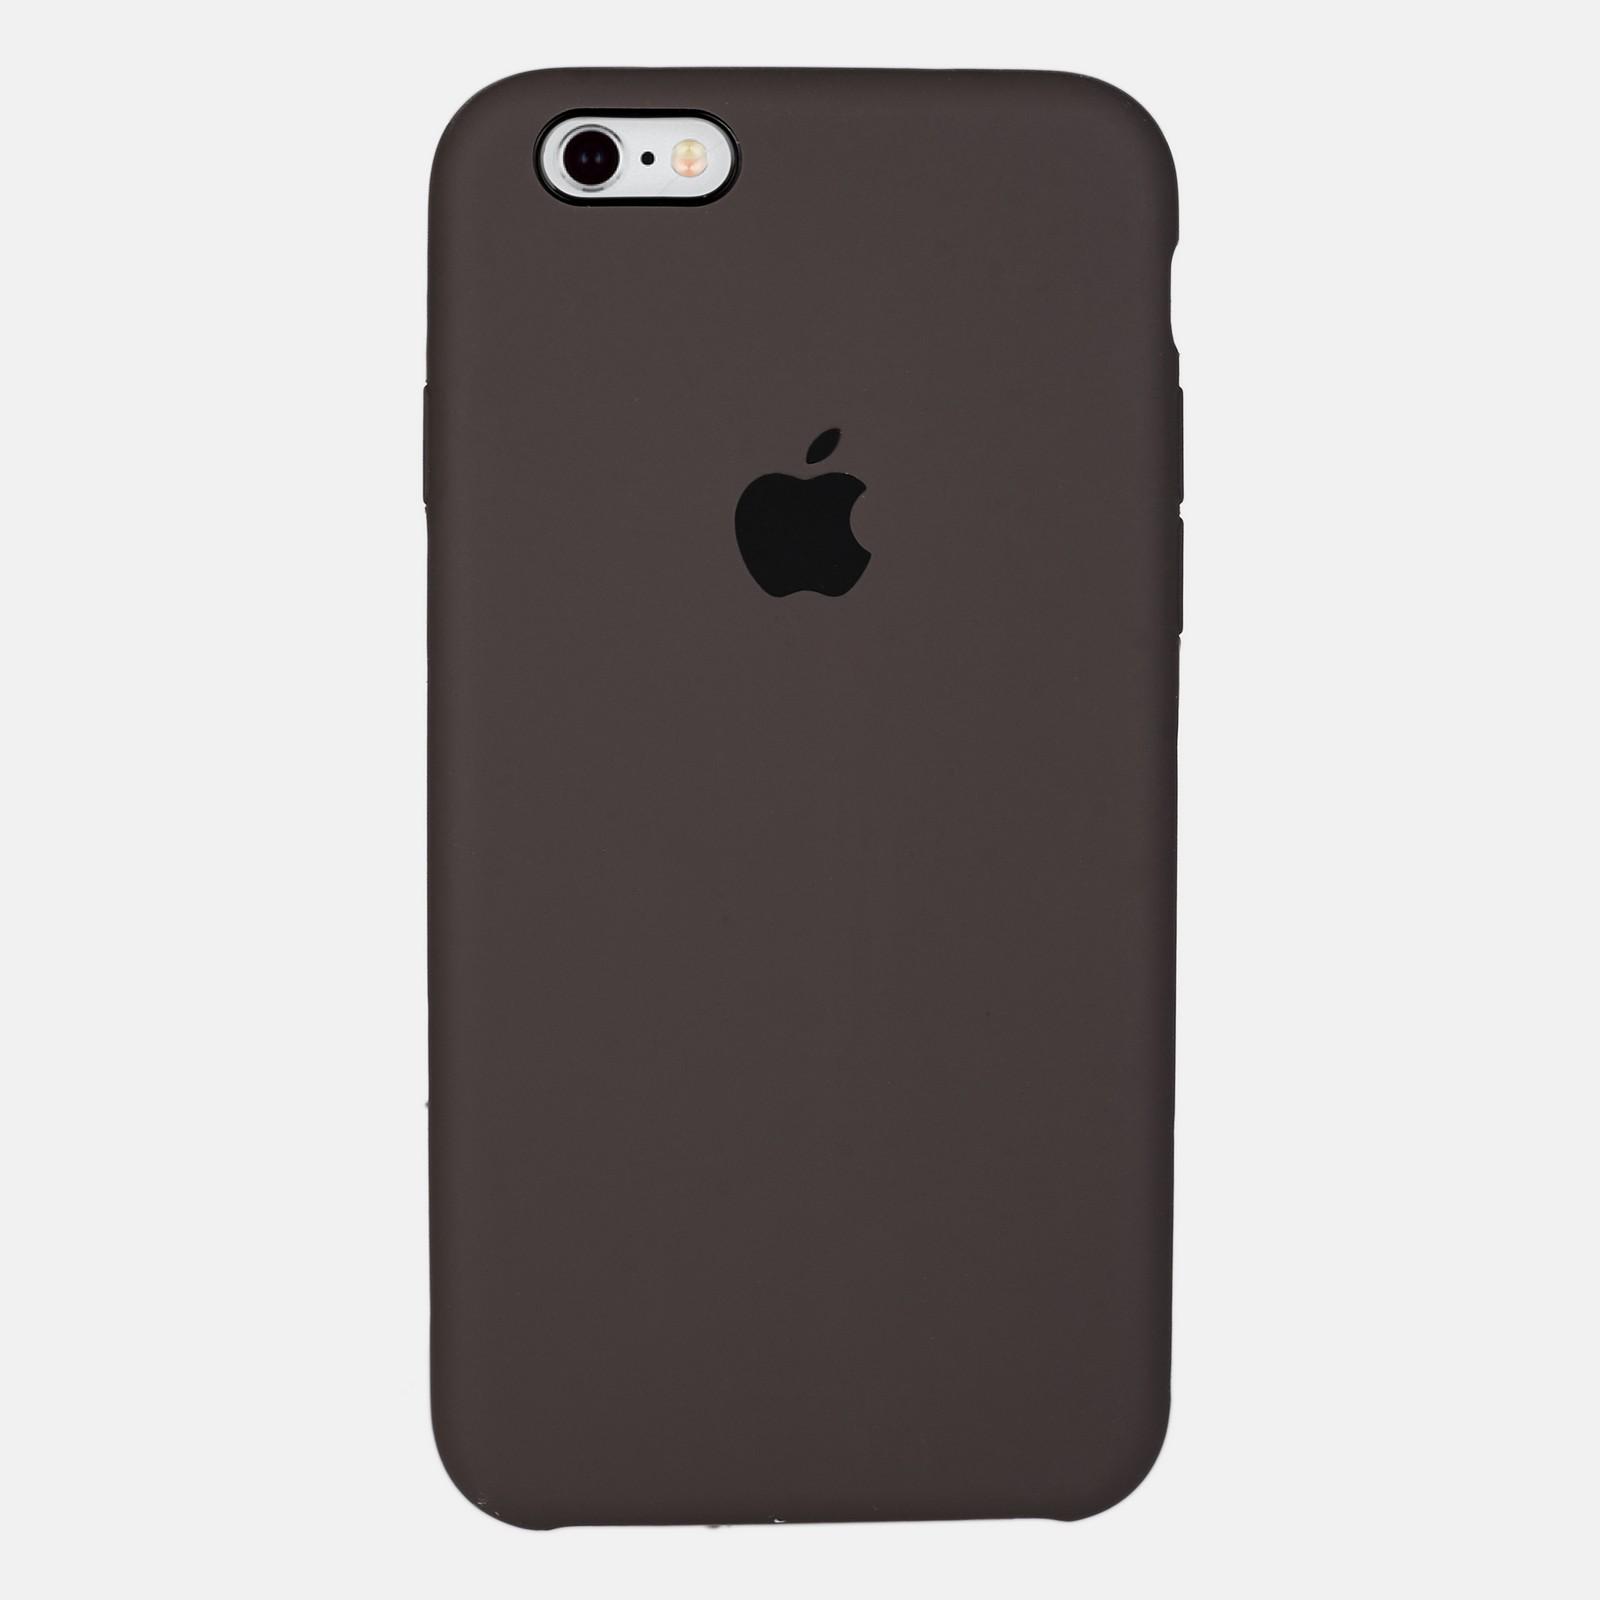 Серый чехол Silicone Case для iPhone 6/6S